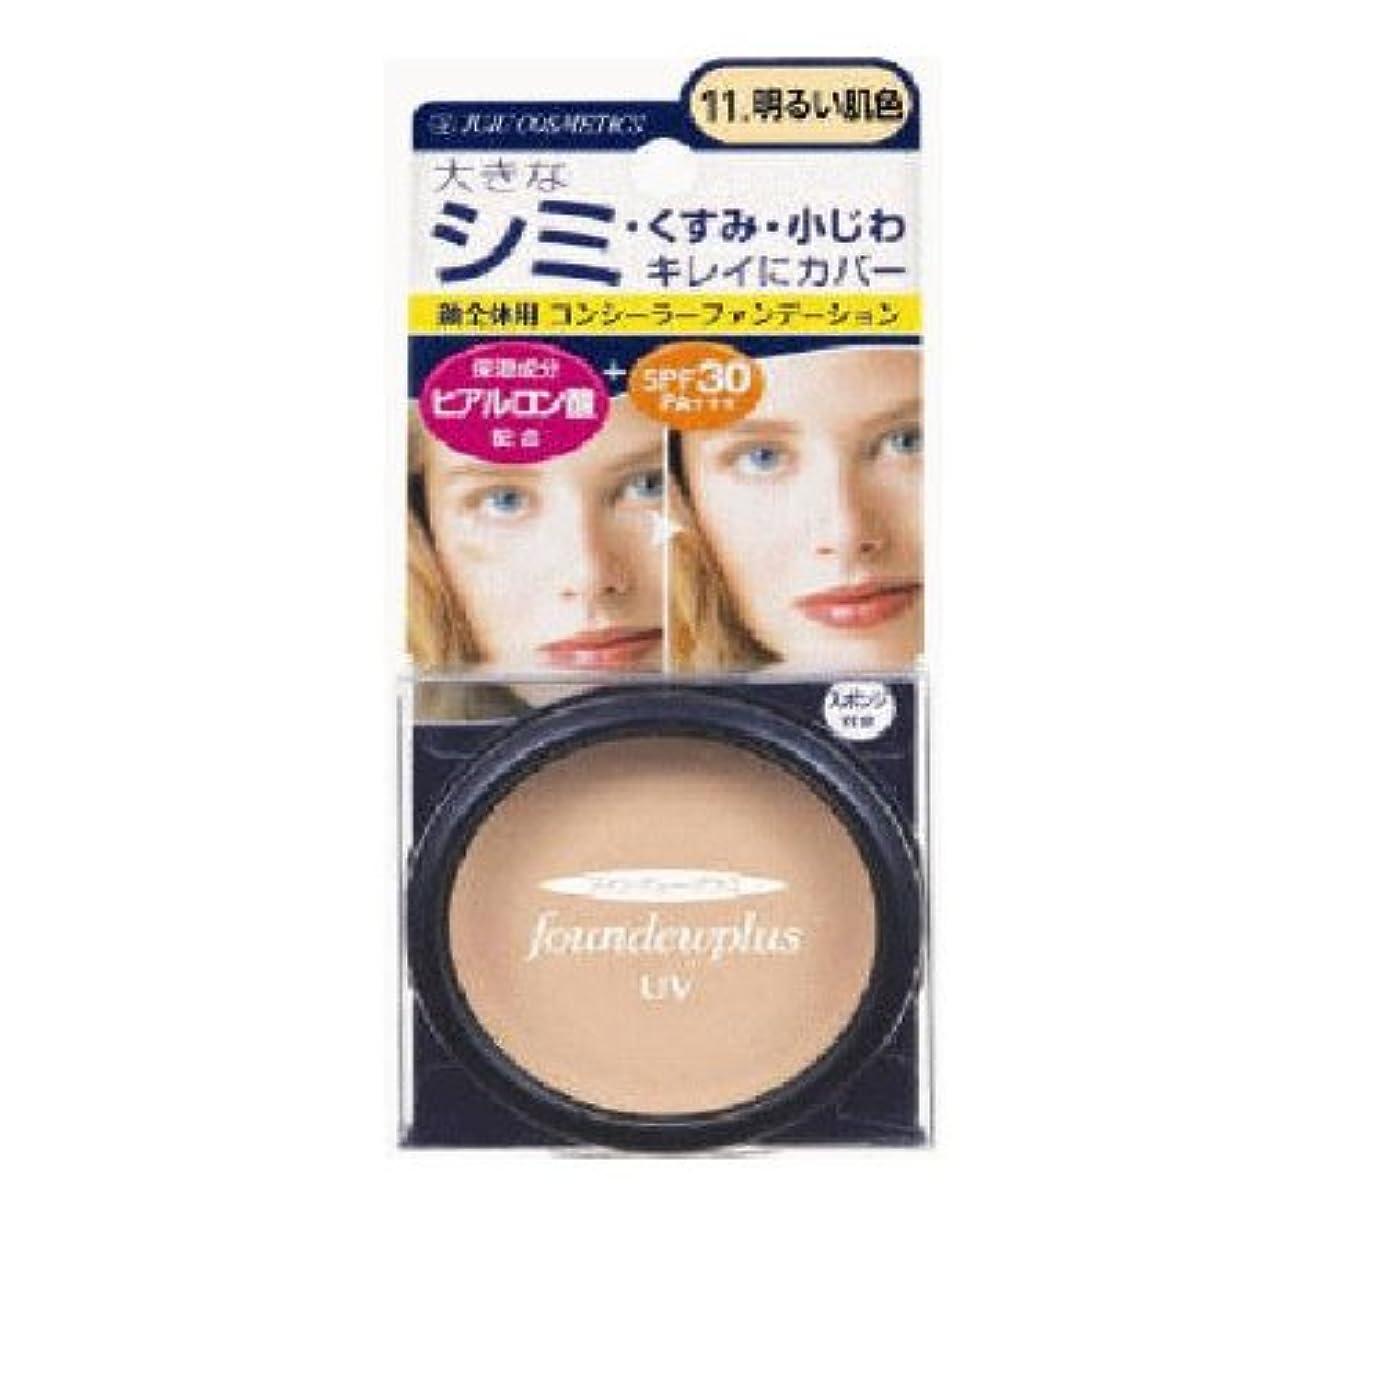 派生する公平キャンディーファンデュープラスR UVコンシーラーファンデーション 11.明るい肌色